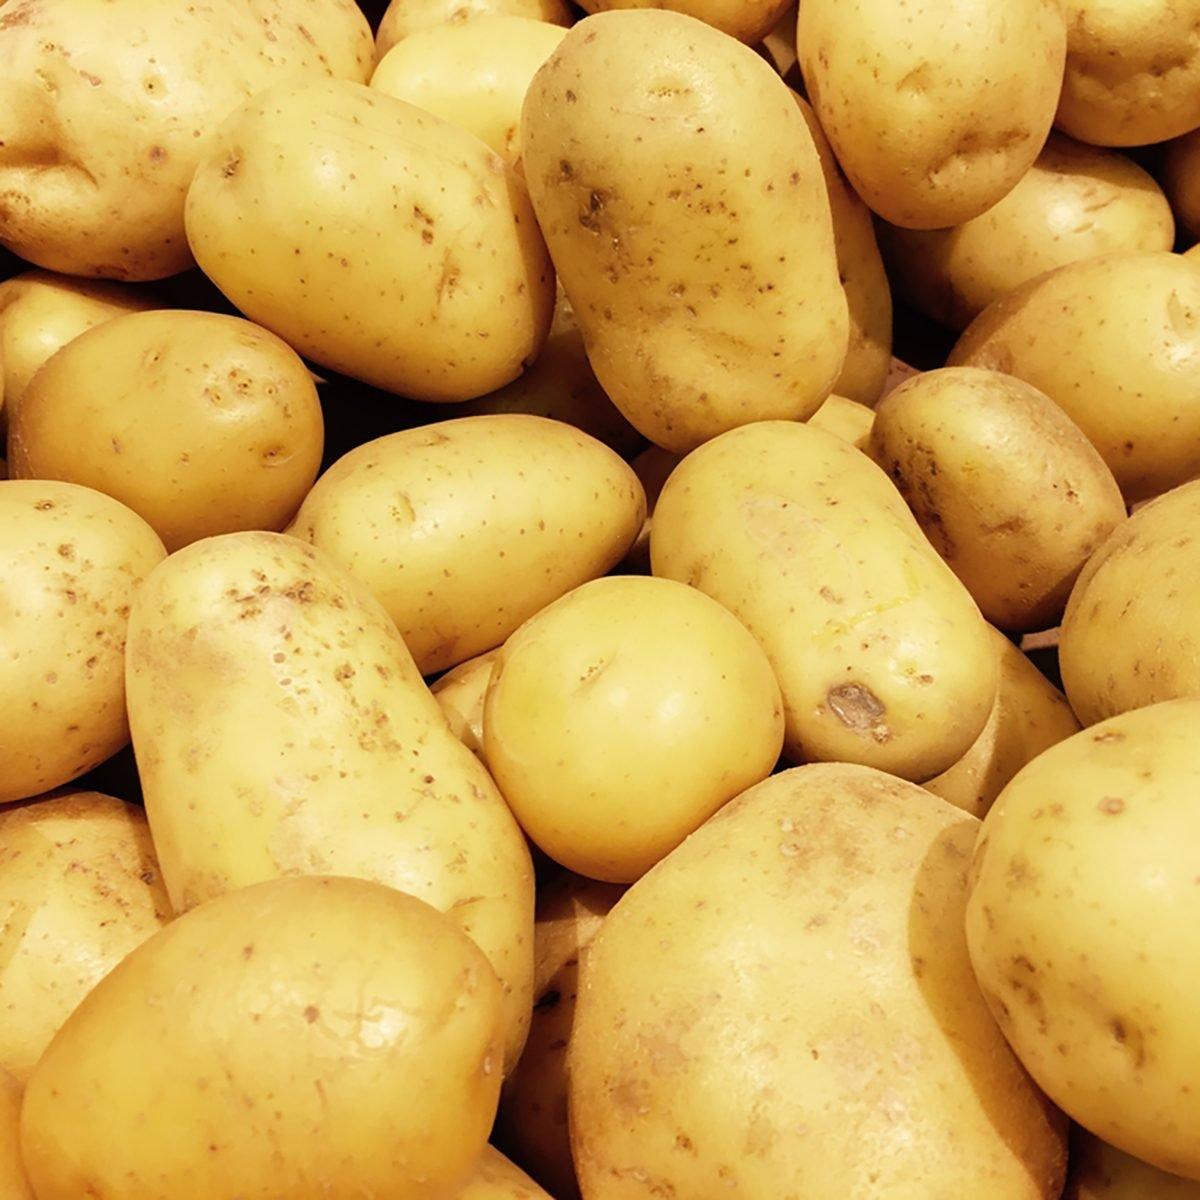 Fresh organic potato stand out among many large background potatos in the market. Heap of potatos root. Close-up potatos texture. Macro potato